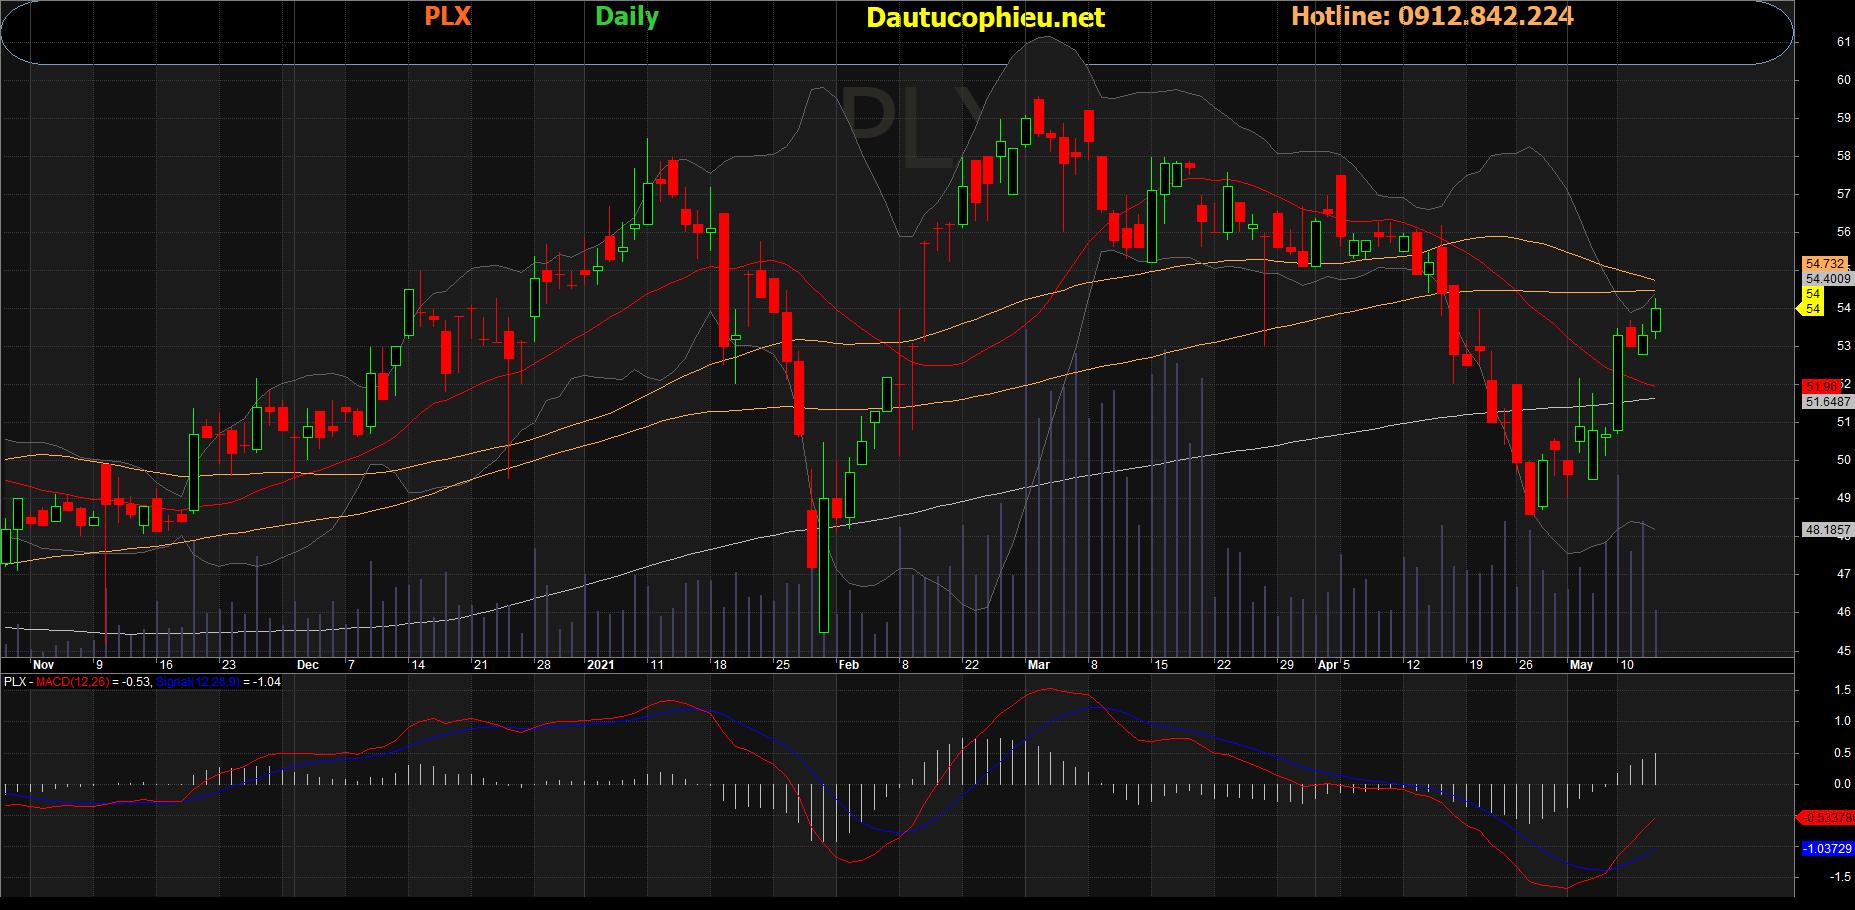 Cổ phiếu PLX